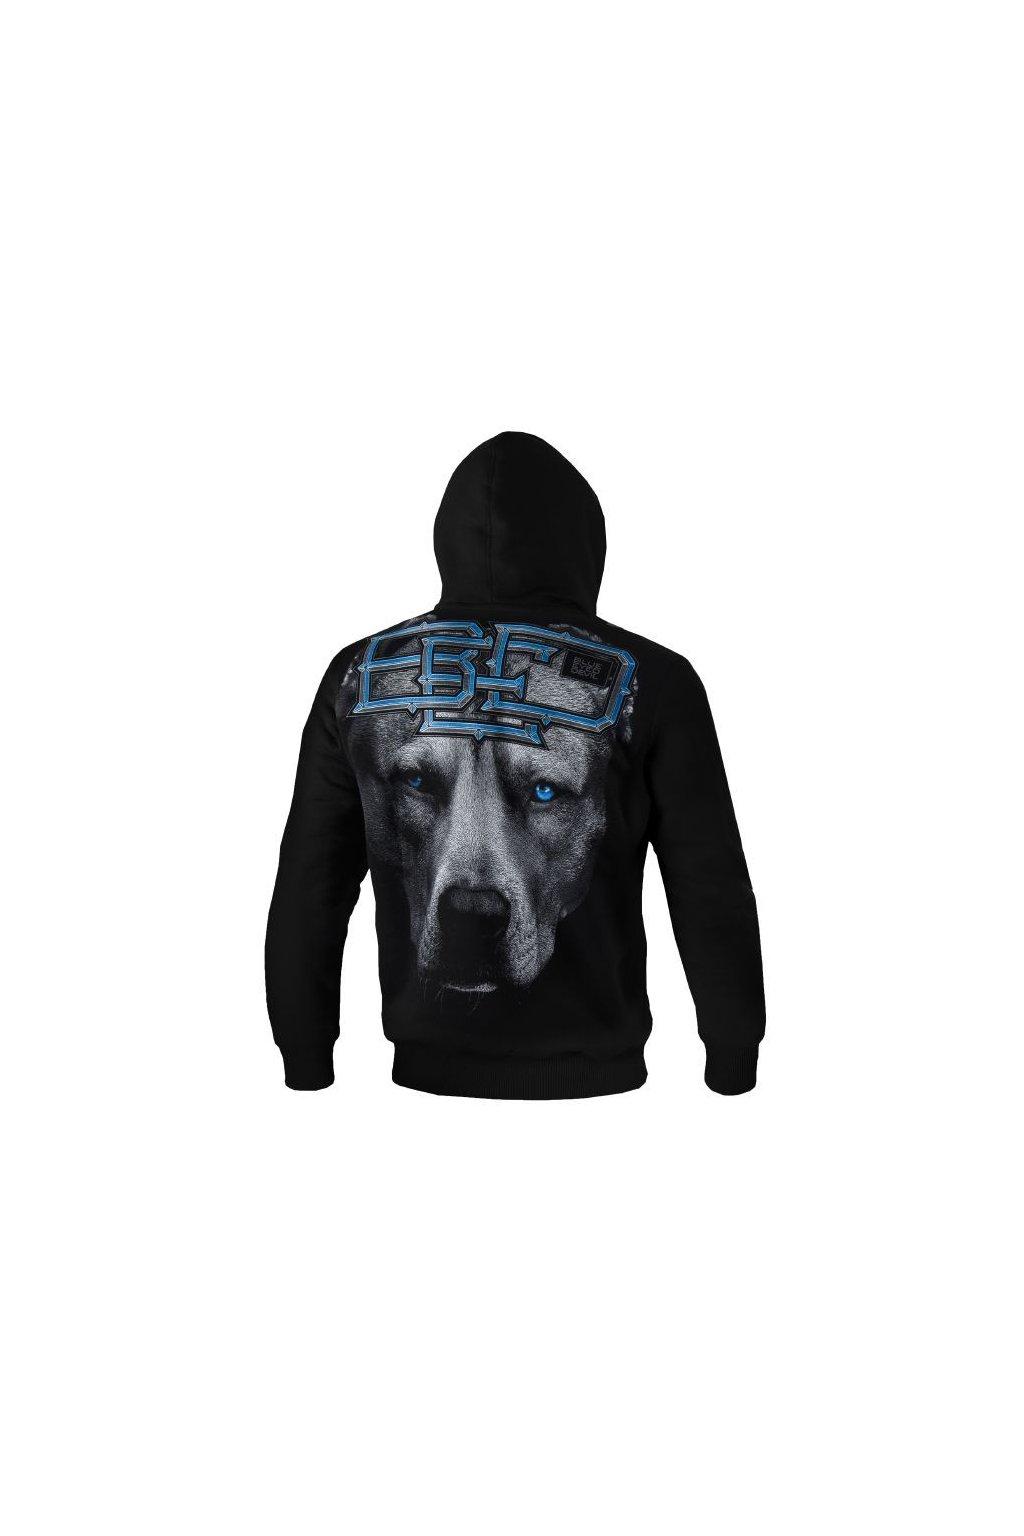 PitBull West Coast - KP mikina BLUE EYED DEVIL 18 černá obr1